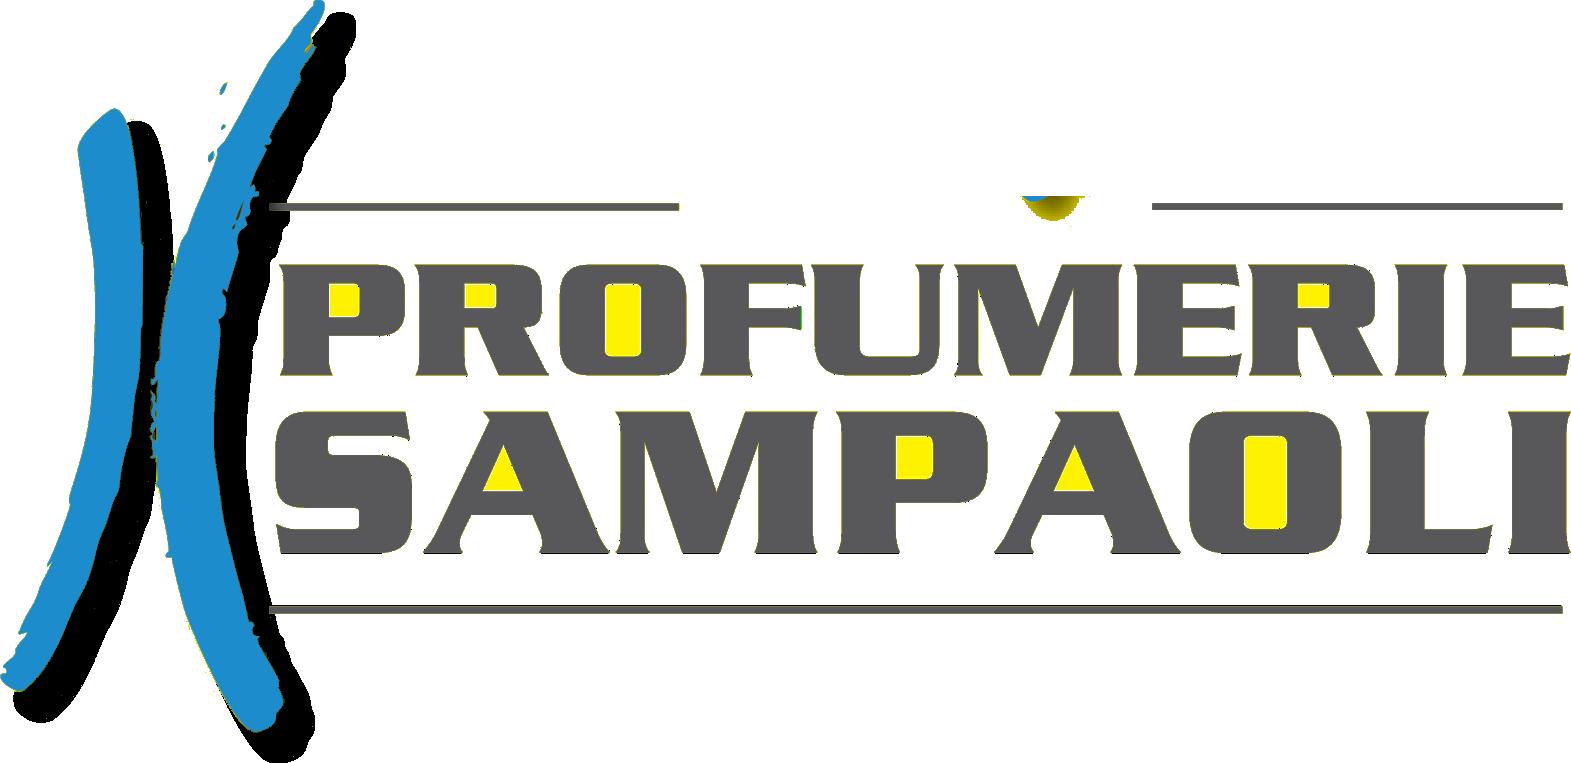 Profumeria Sampaoli